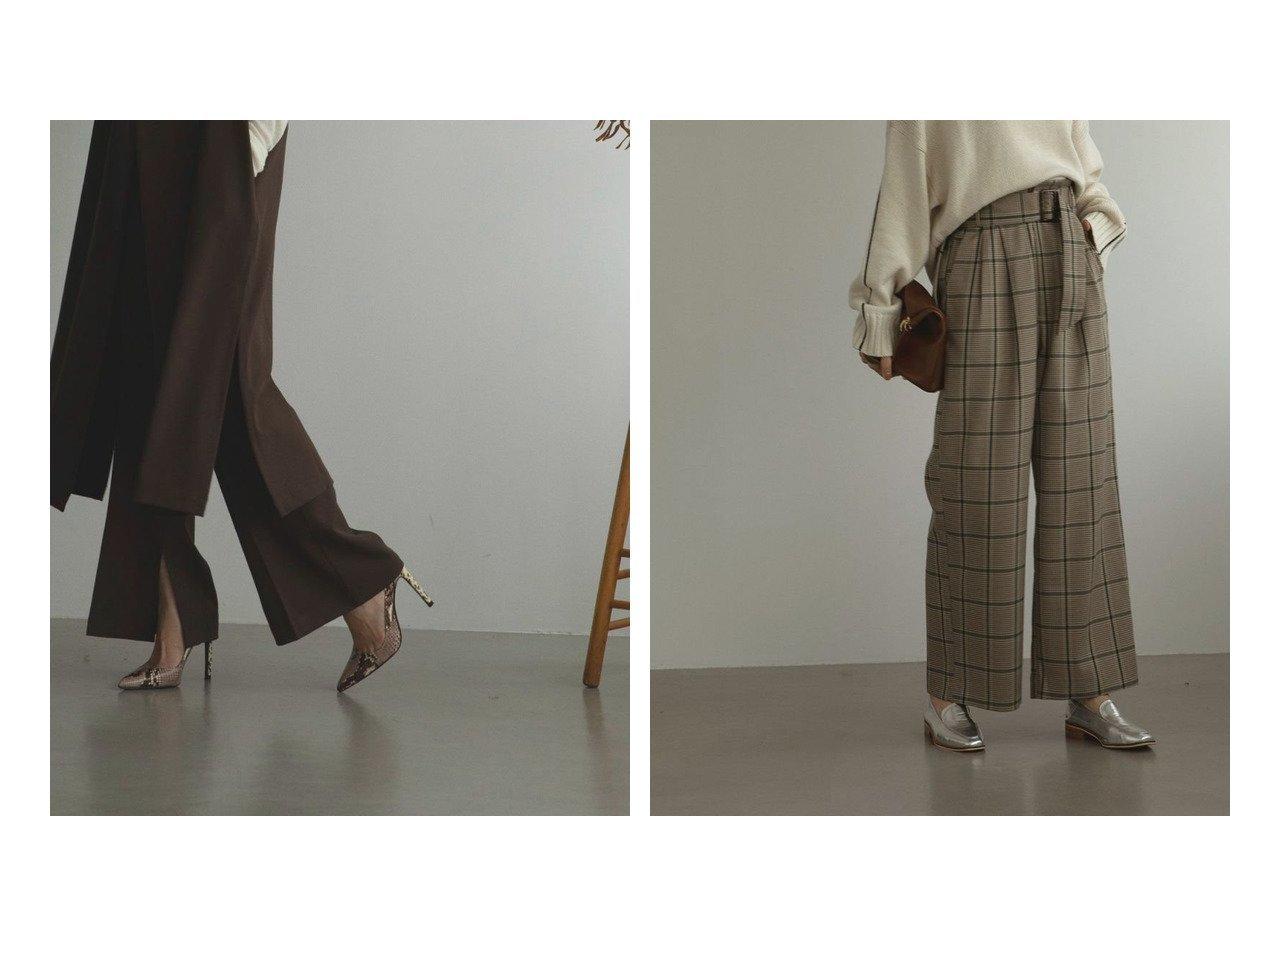 【marjour/マージュール】のフレアスリットパンツ FLARE SLIT PANTS&チェックパンツ CHECK PANTS マージュールのおすすめ!人気、トレンド・レディースファッションの通販 おすすめで人気の流行・トレンド、ファッションの通販商品 メンズファッション・キッズファッション・インテリア・家具・レディースファッション・服の通販 founy(ファニー) https://founy.com/ ファッション Fashion レディースファッション WOMEN パンツ Pants オレンジ スリット セットアップ フレア ベスト マニッシュ モノトーン ロング A/W 秋冬 AW Autumn/Winter / FW Fall-Winter インナー シャーリング タイツ チェック パステル パターン ラベンダー レギンス ワイド 冬 Winter 春 Spring 無地 |ID:crp329100000021537